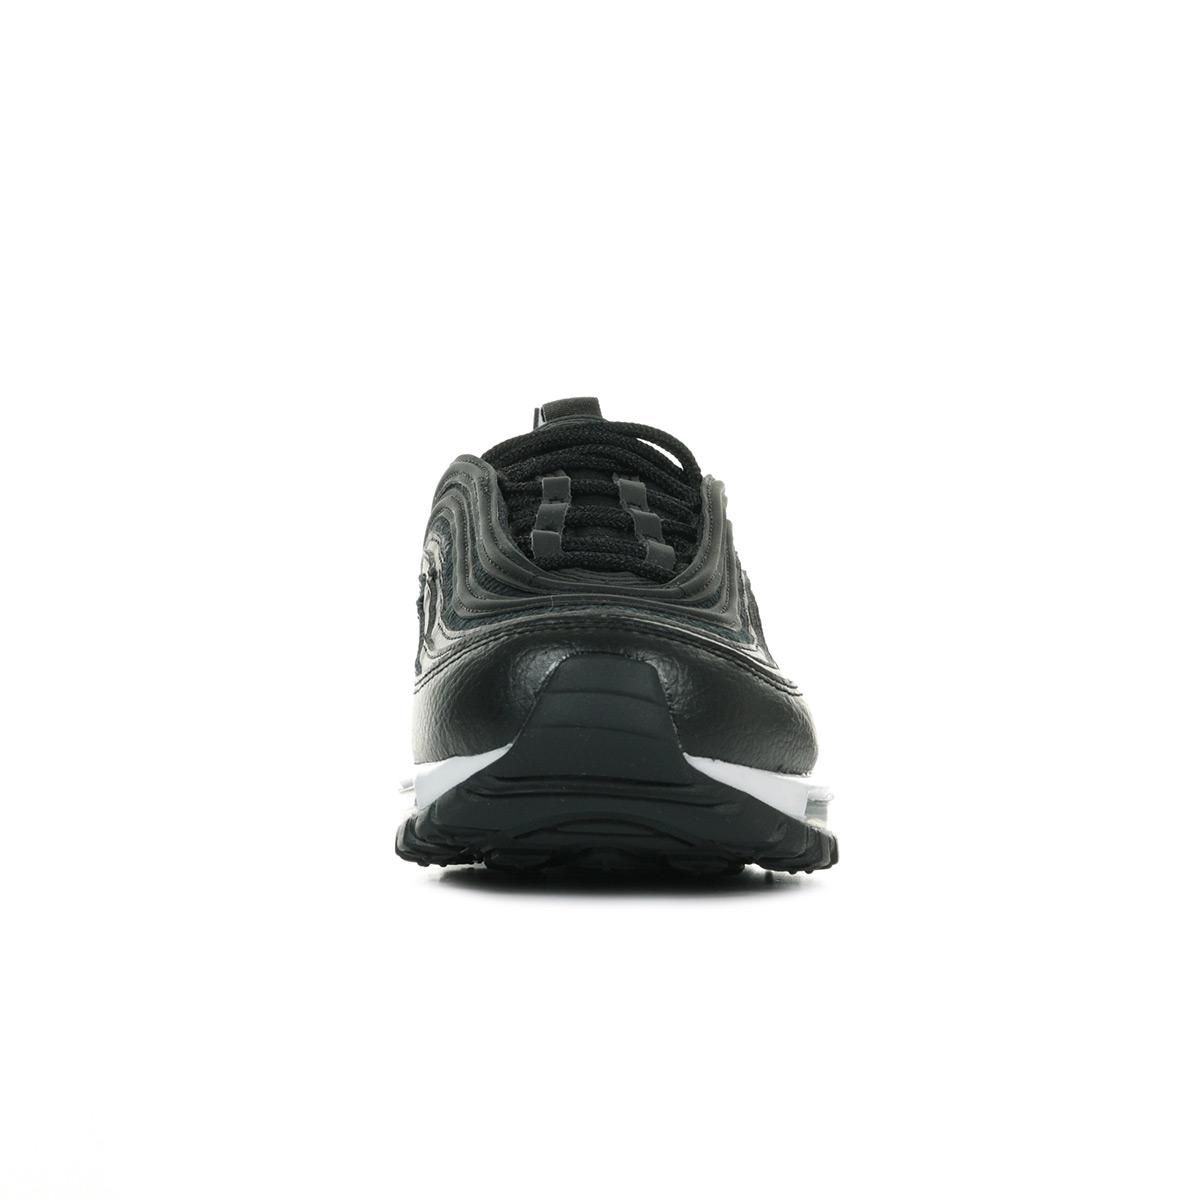 new arrivals fdbec f53a8 ... Nike Wn s Air Max 97 LX ...